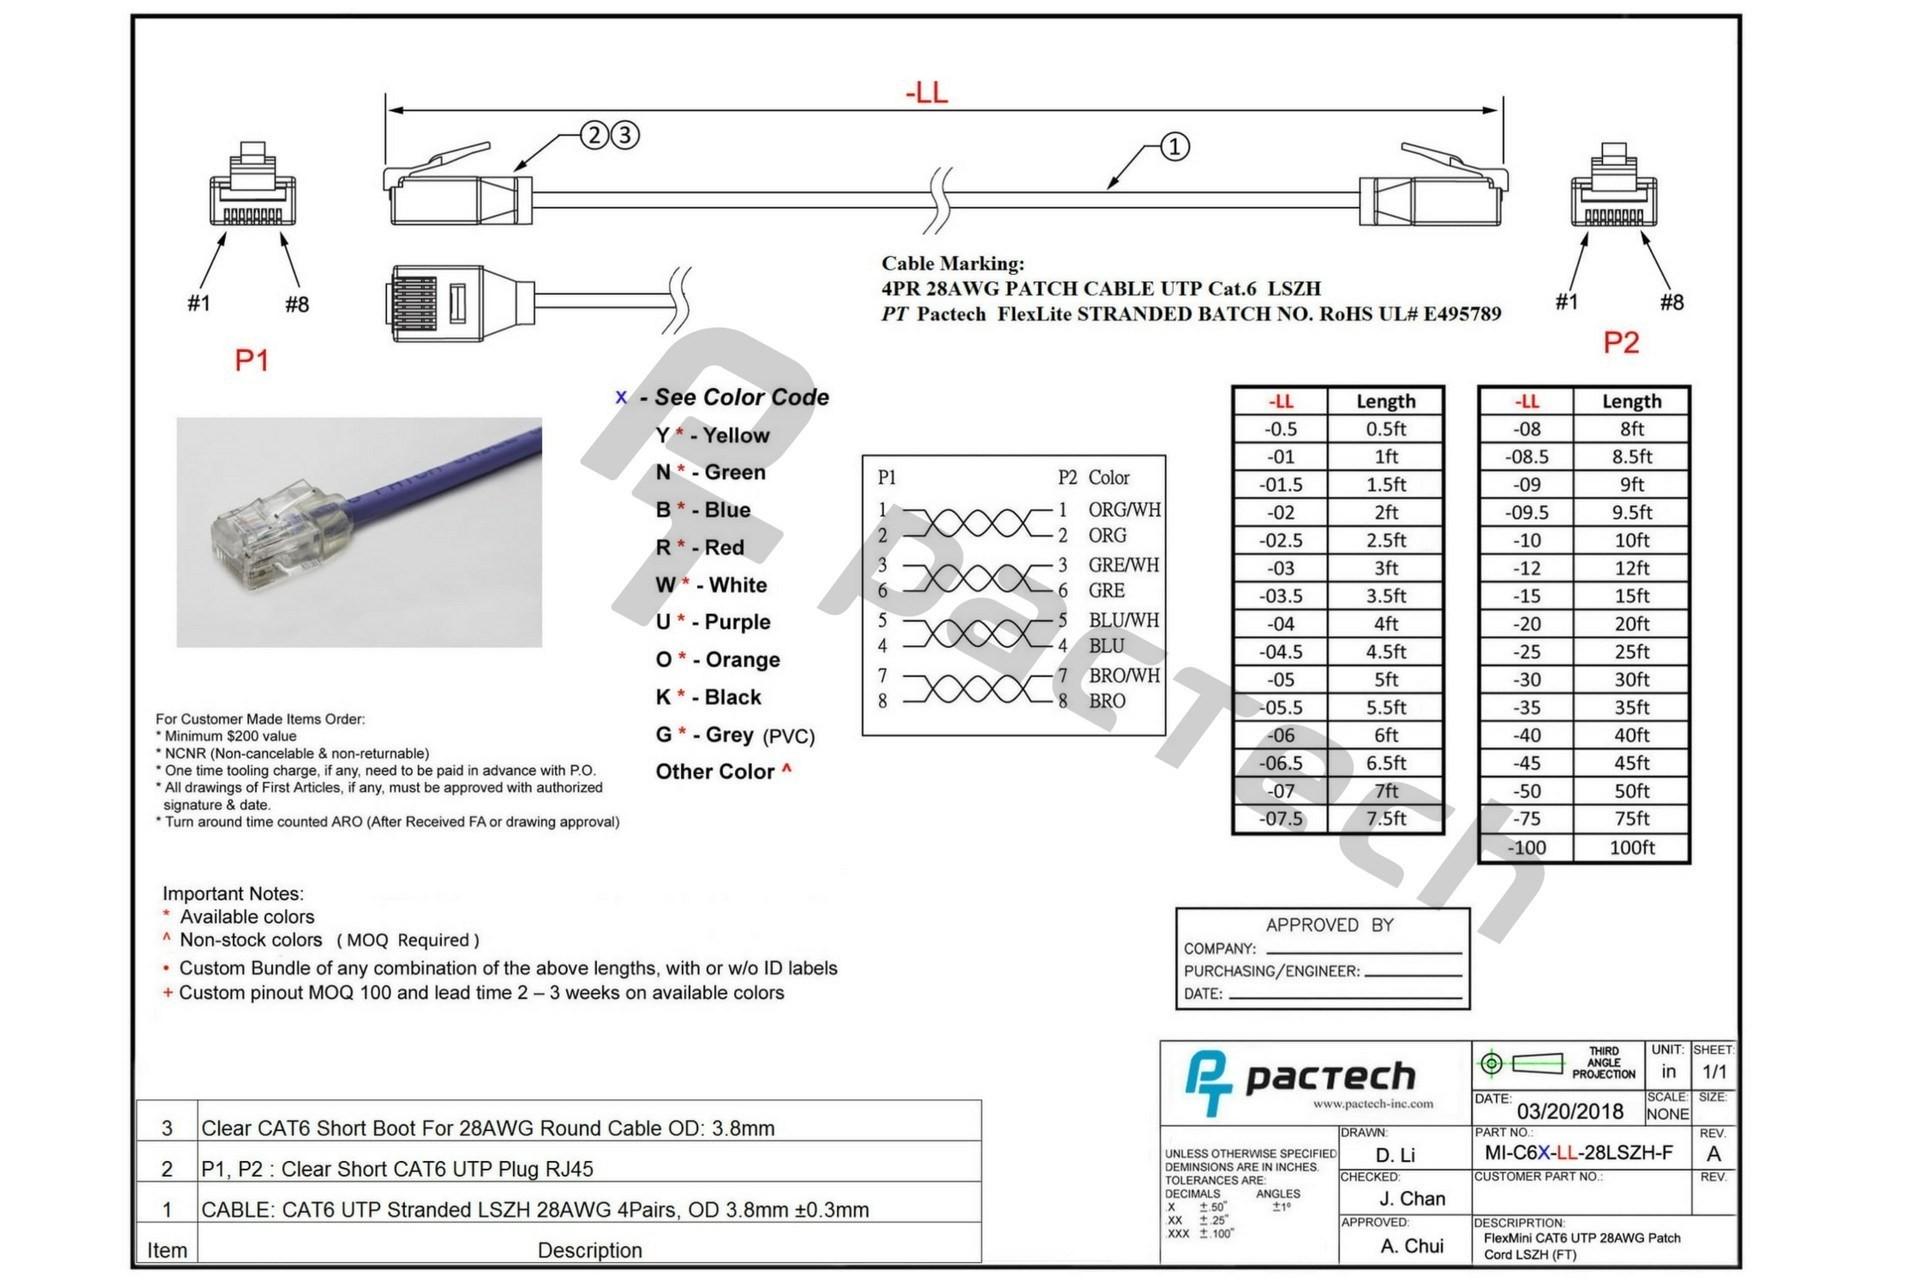 Rj45 Jack Wiring Diagram Boot Rj45 Diagram Wiring Diagram Datasource Of Rj45 Jack Wiring Diagram